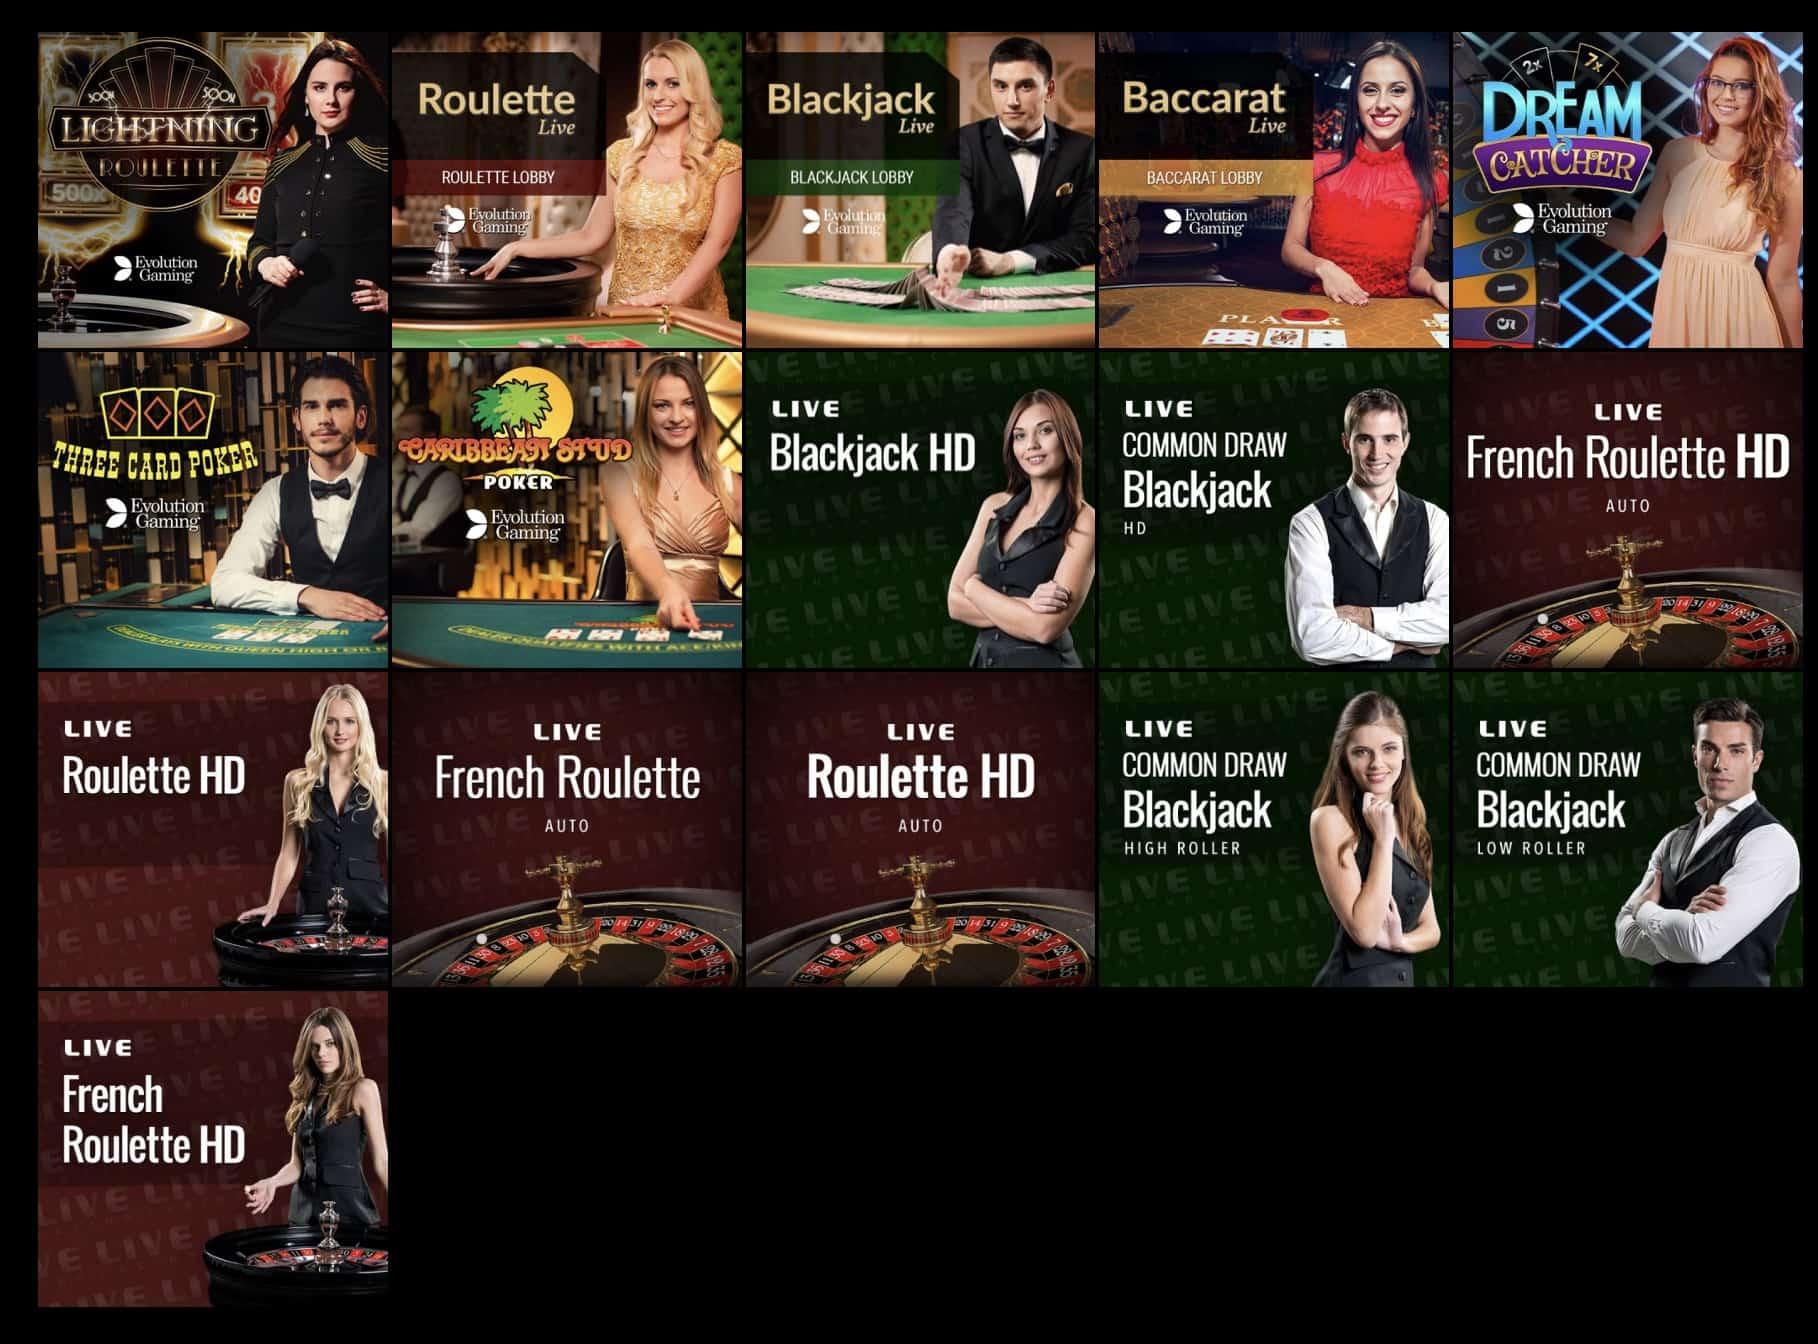 Voodoo Dreams Casino Erfahrungen und Test